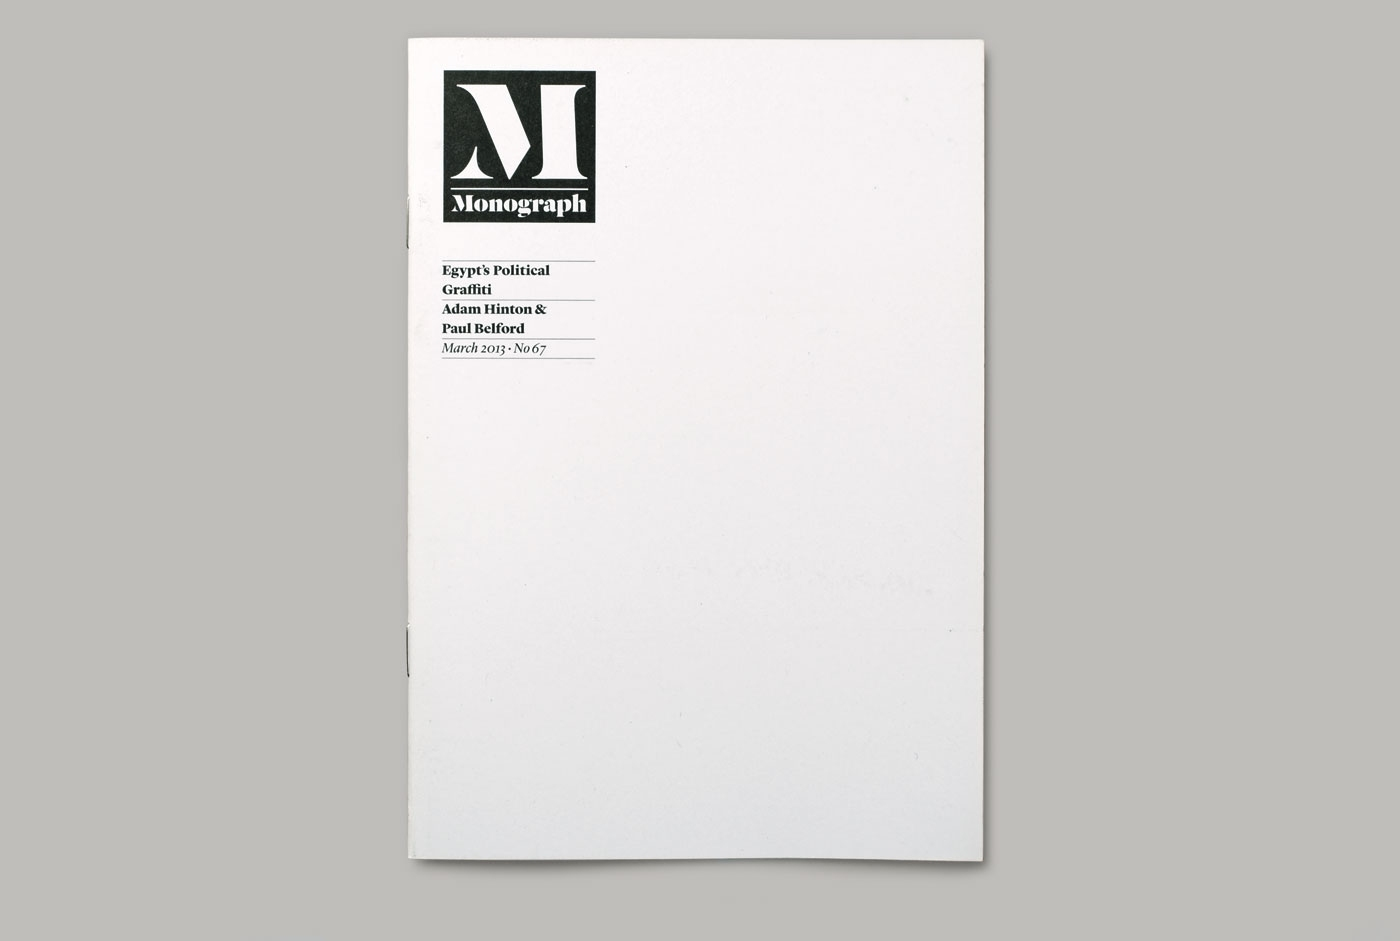 Paul Belford Ltd. Creative Review - Booklet 3